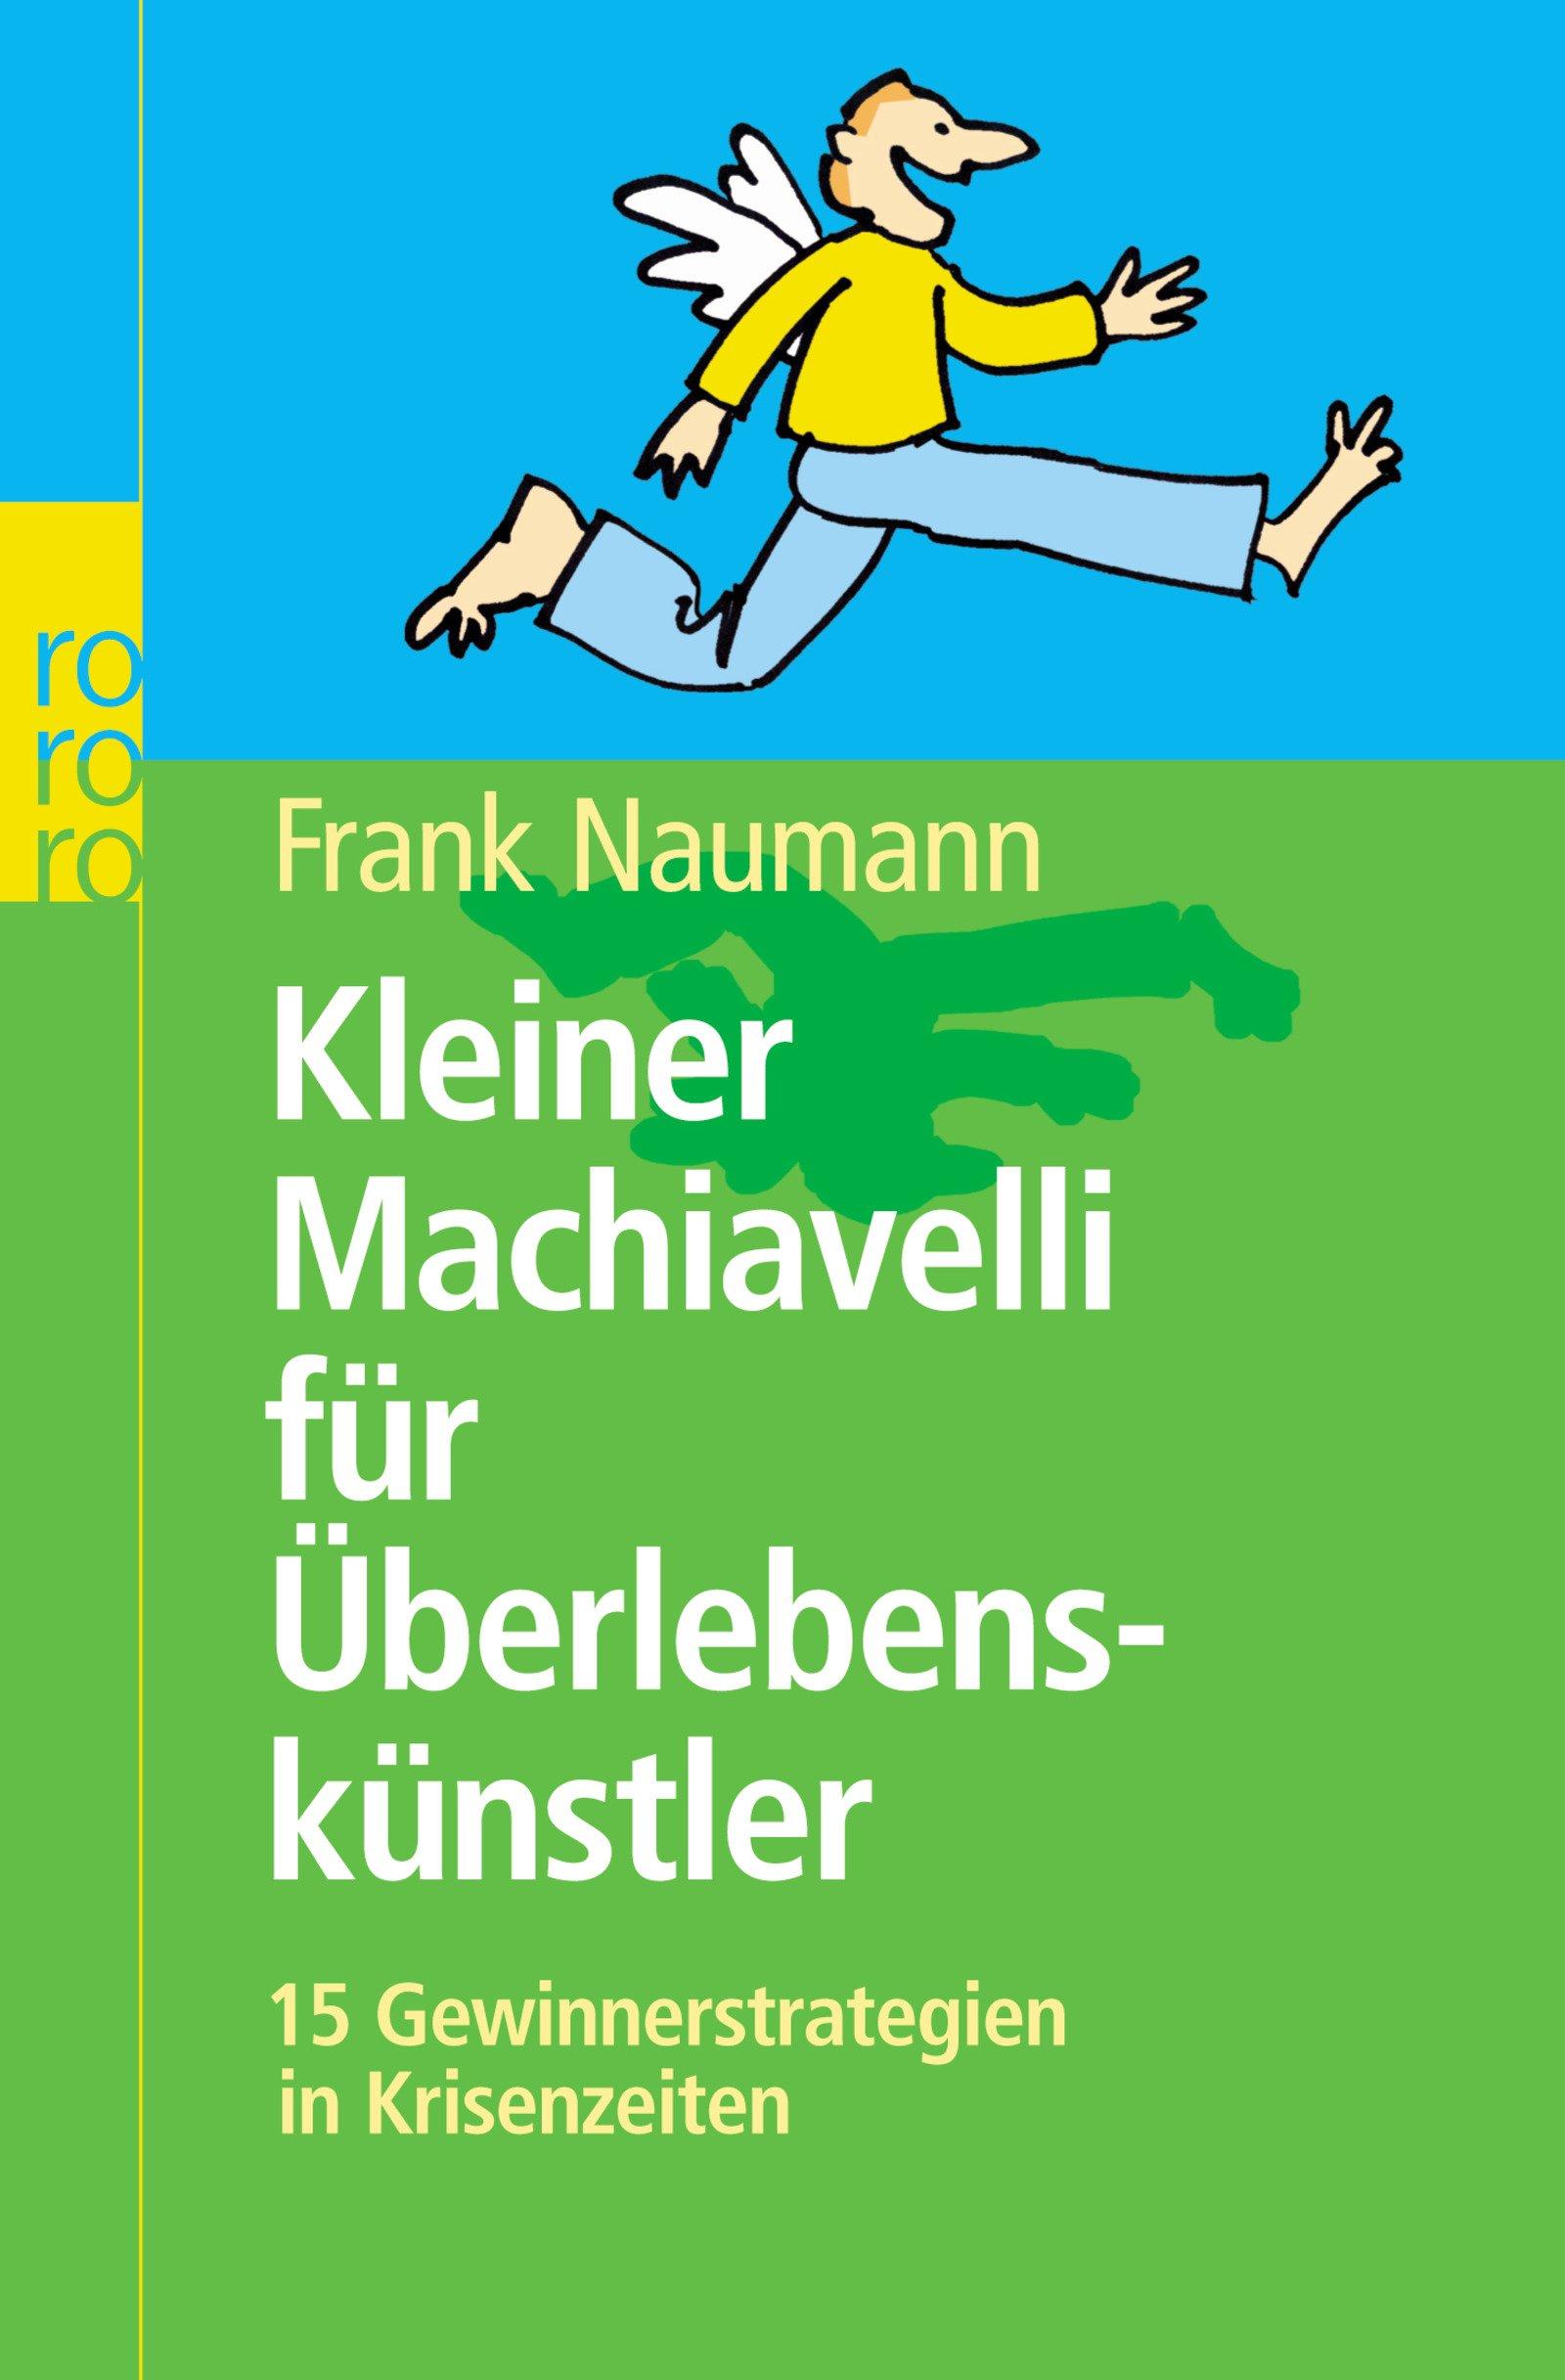 Kleiner Machiavelli für Überlebenskünstler: 15 Gewinnerstrategien in Krisenzeiten